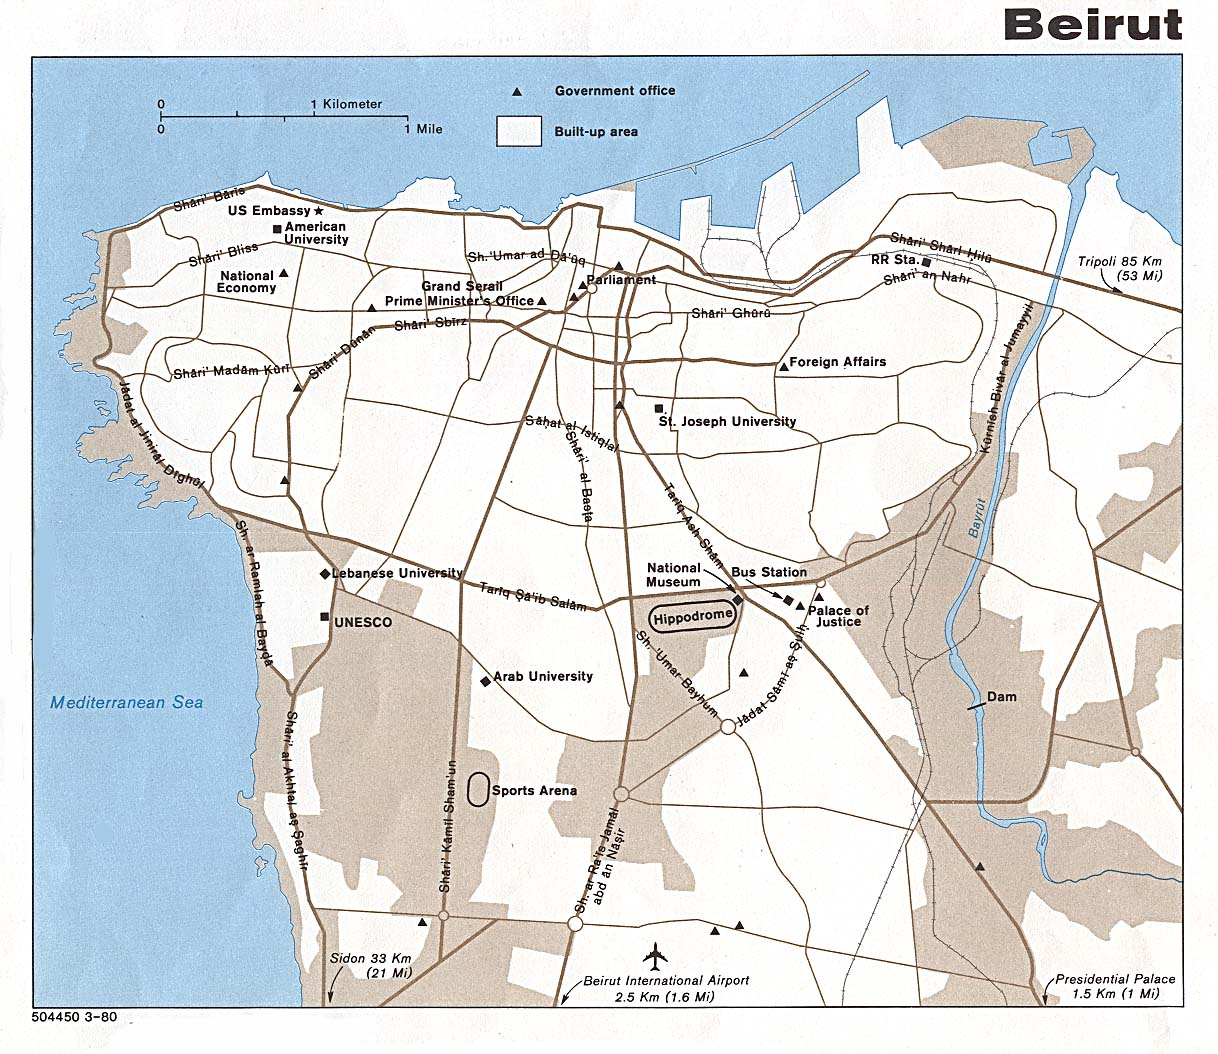 the lebanon Lebanon Map of Lebanon